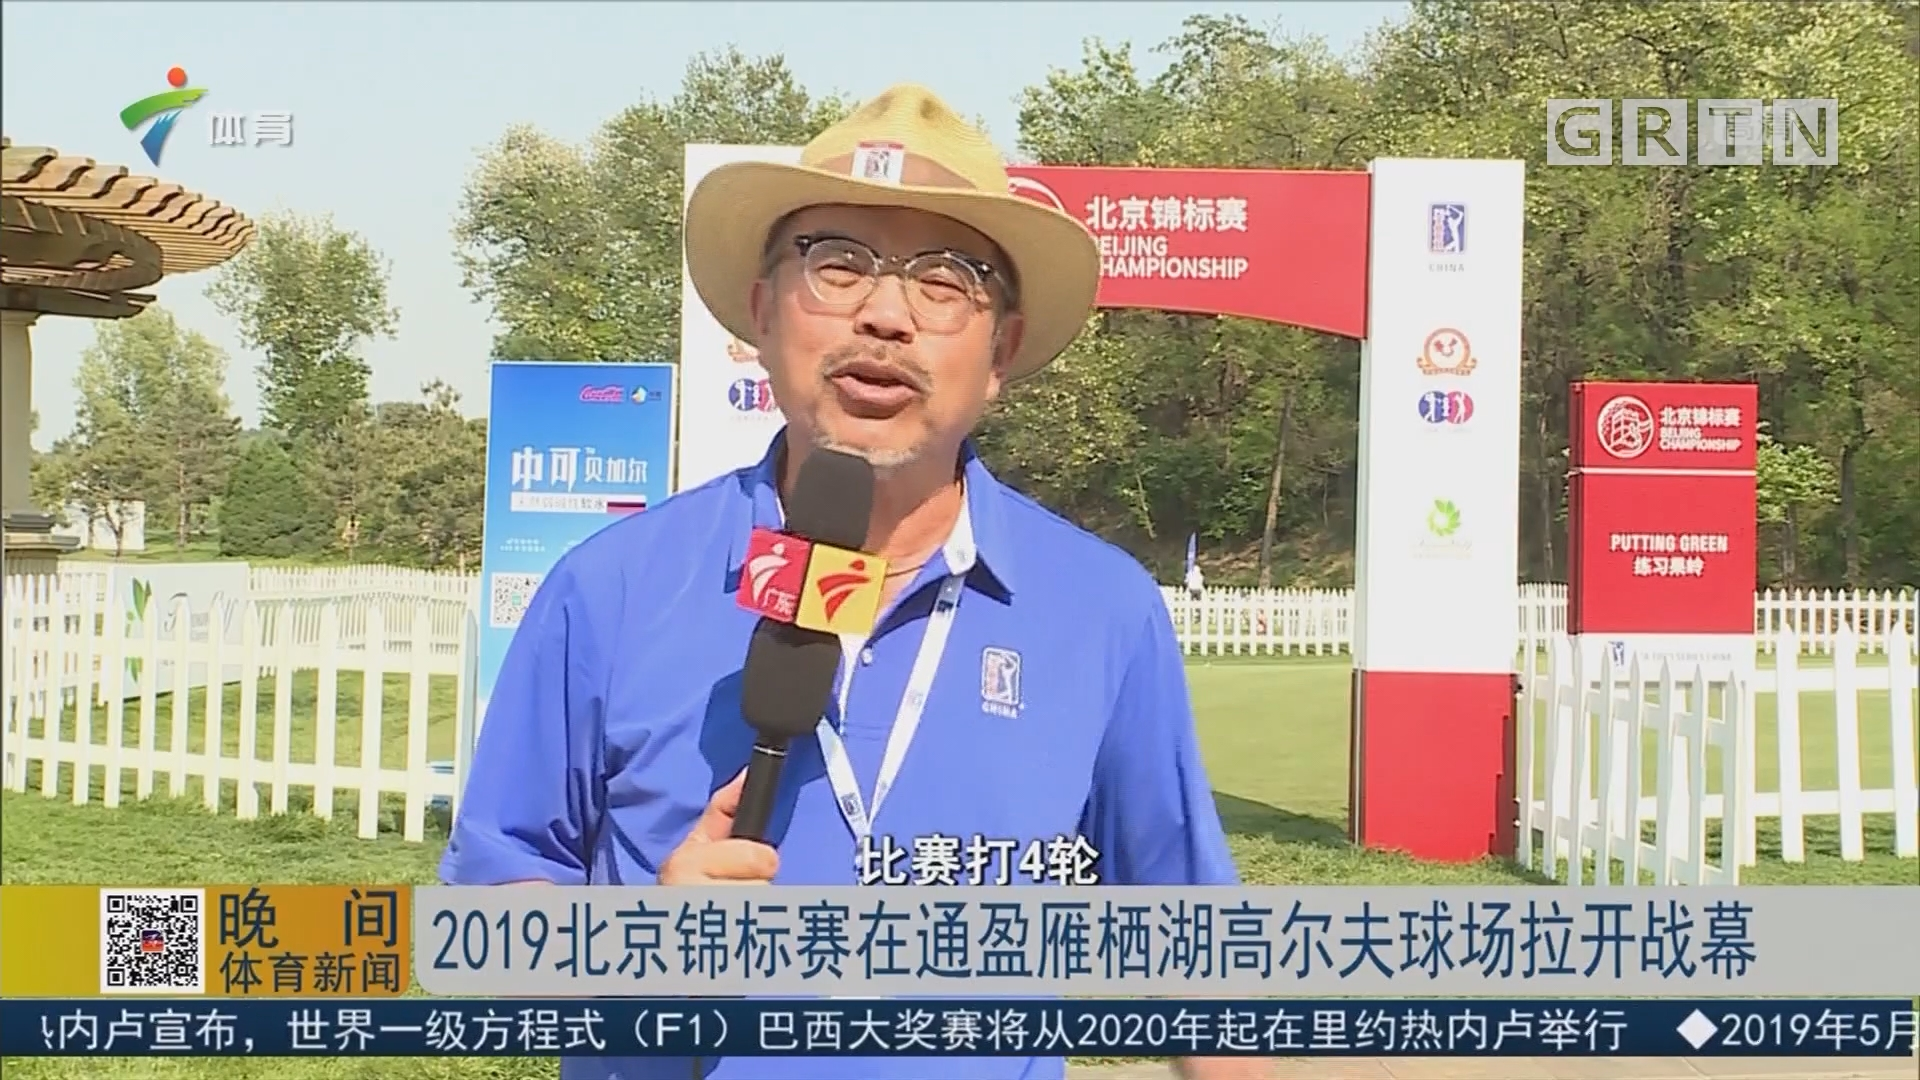 2019北京锦标赛在通盈雁栖湖高尔夫球场拉开战幕